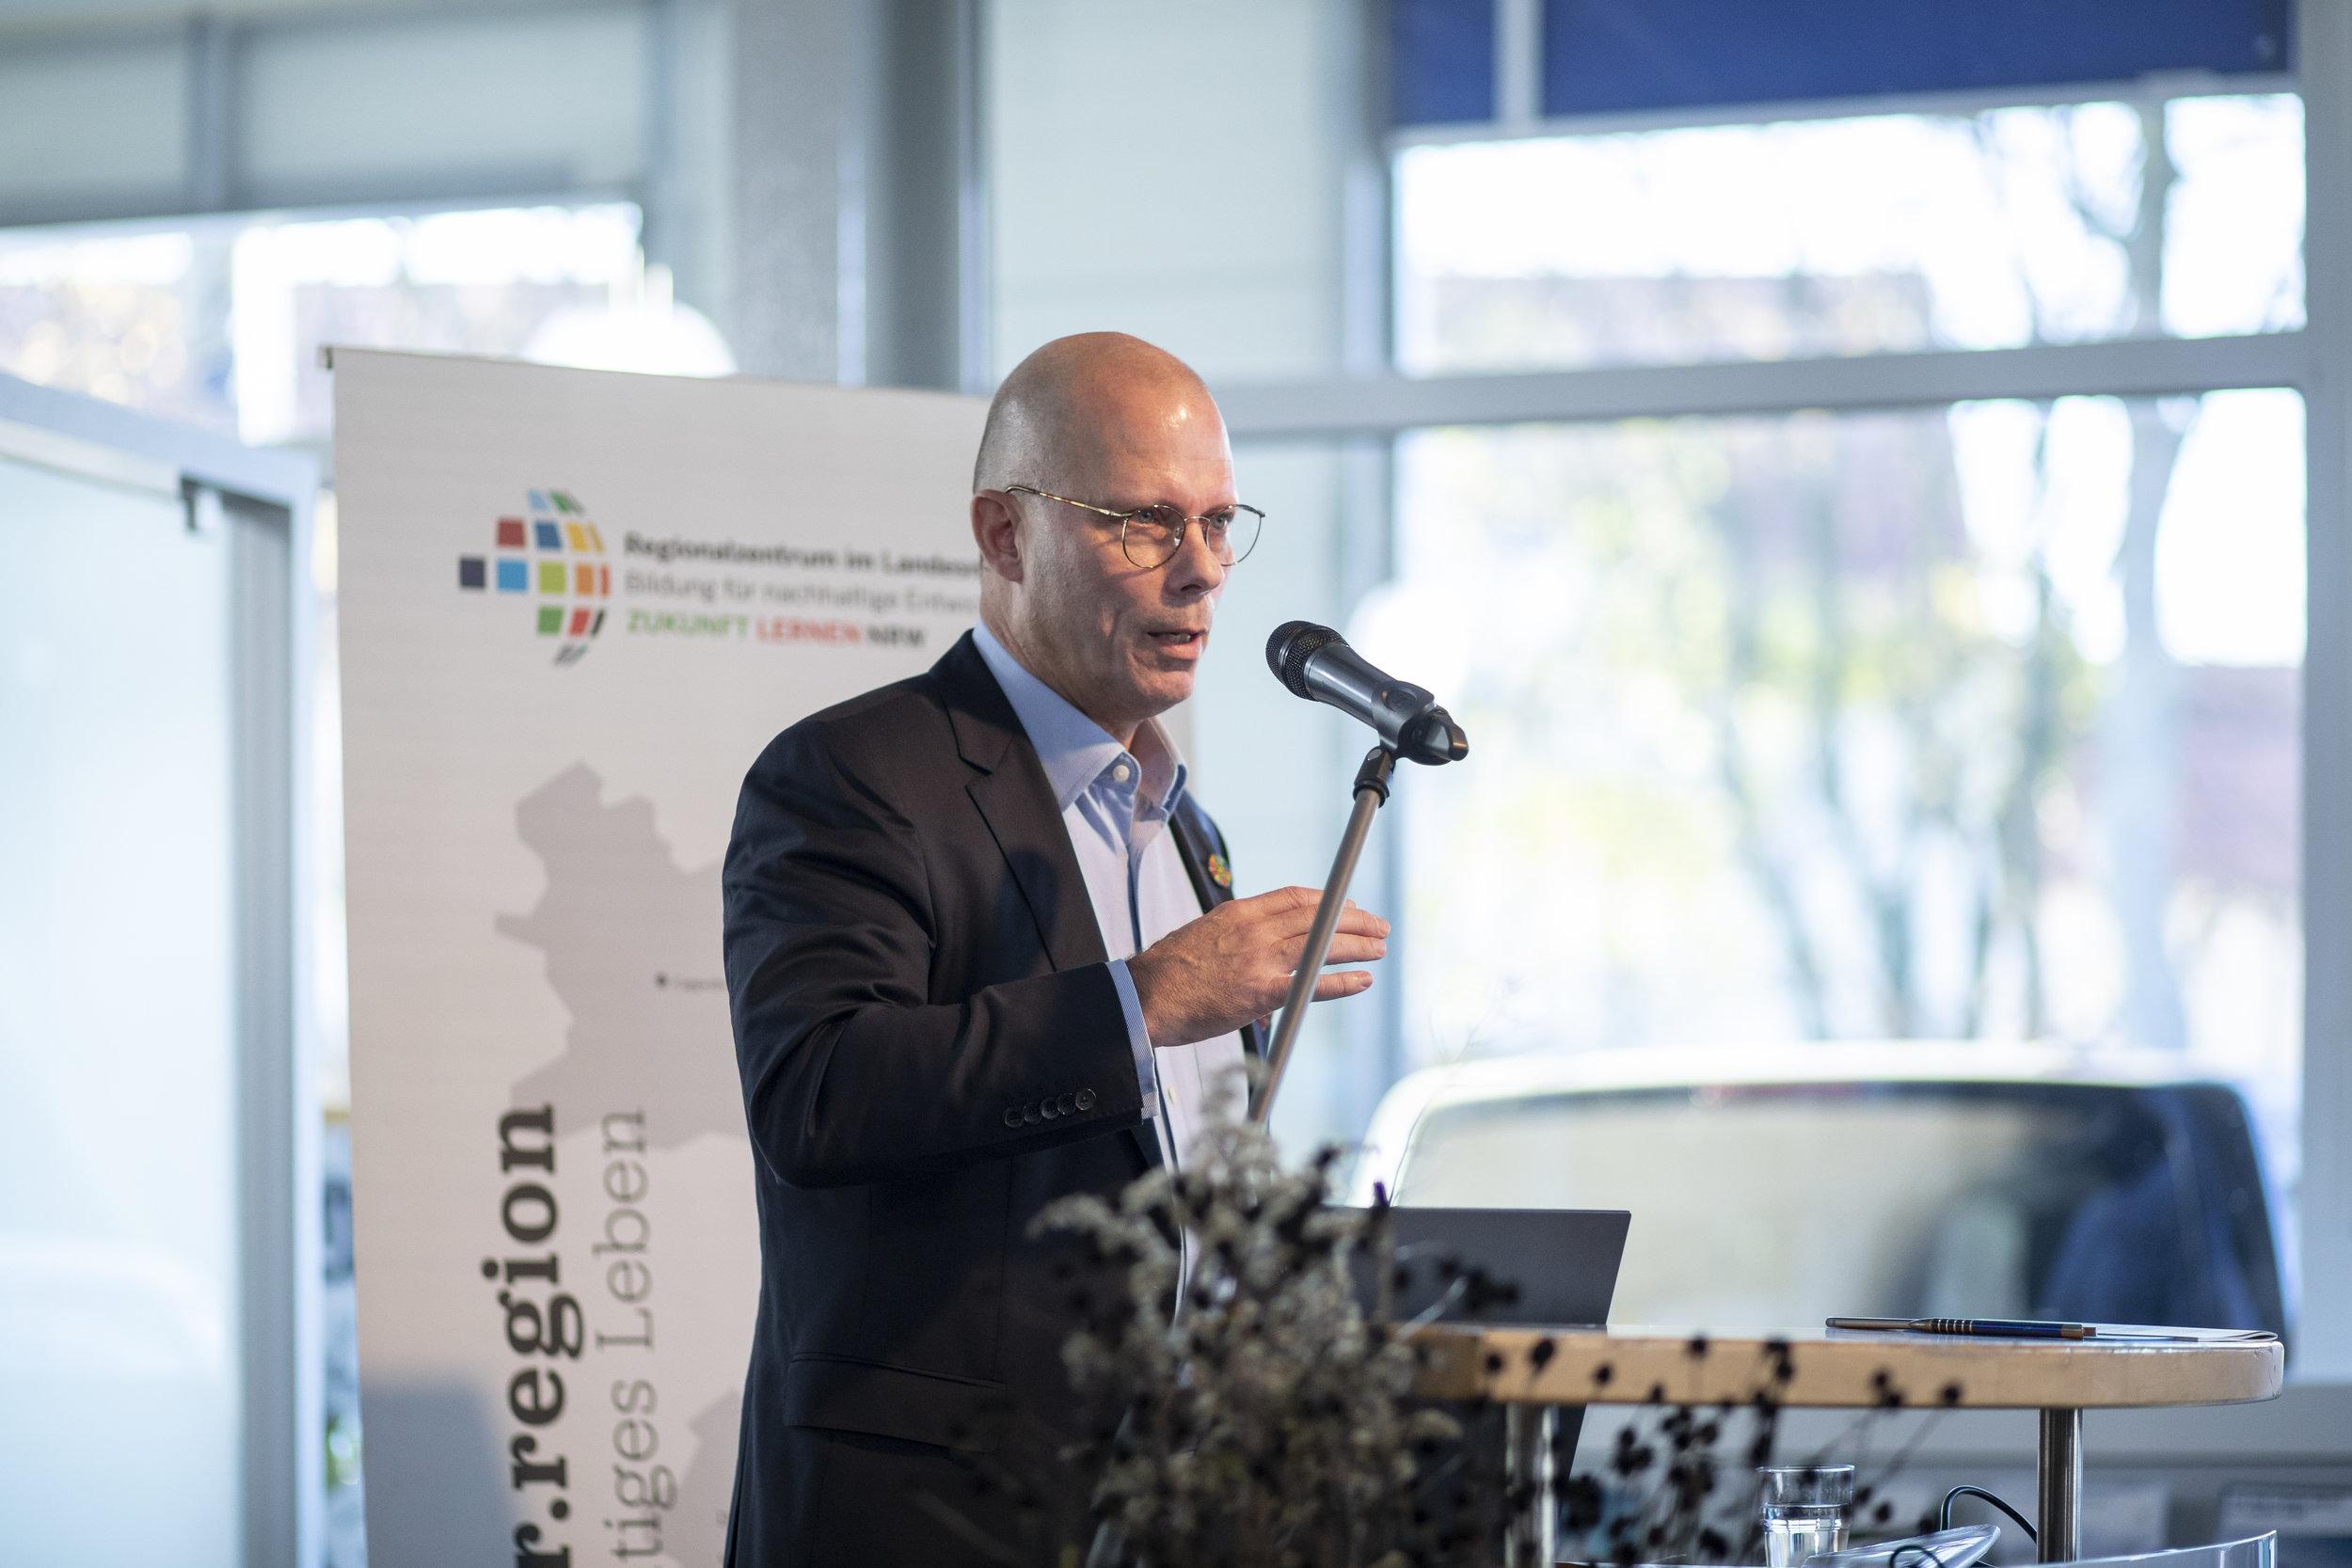 Prof. Dr. Günther Bachmann, Generalsekretär des Rats für Nachhaltige Entwicklung